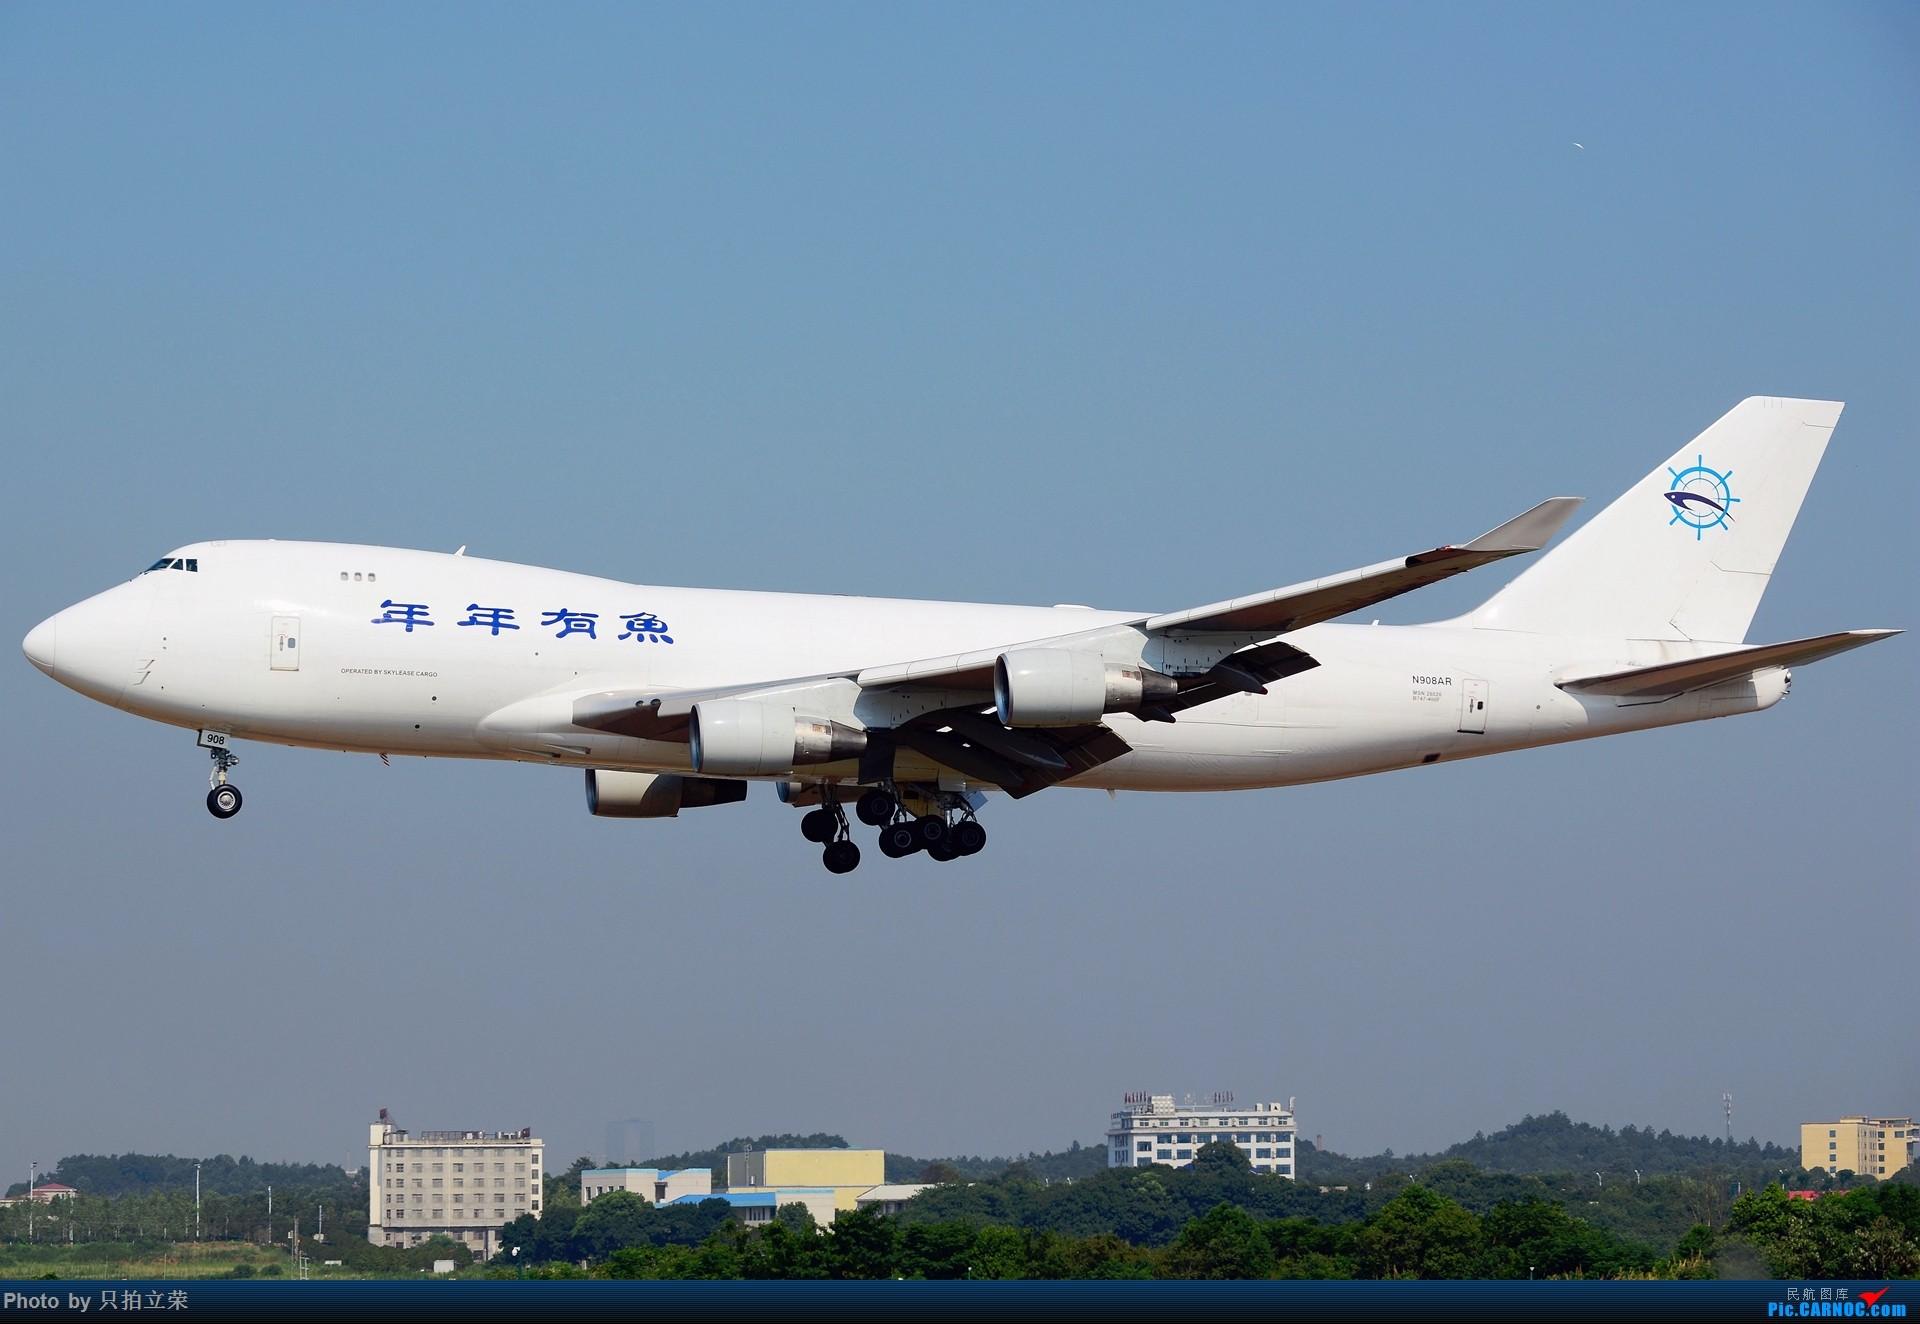 [原创]湖南飞友会:湖南首条洲际货运定期航线降落全景纪实,波音744F BOEING 747-400F N908AR 中国长沙黄花国际机场